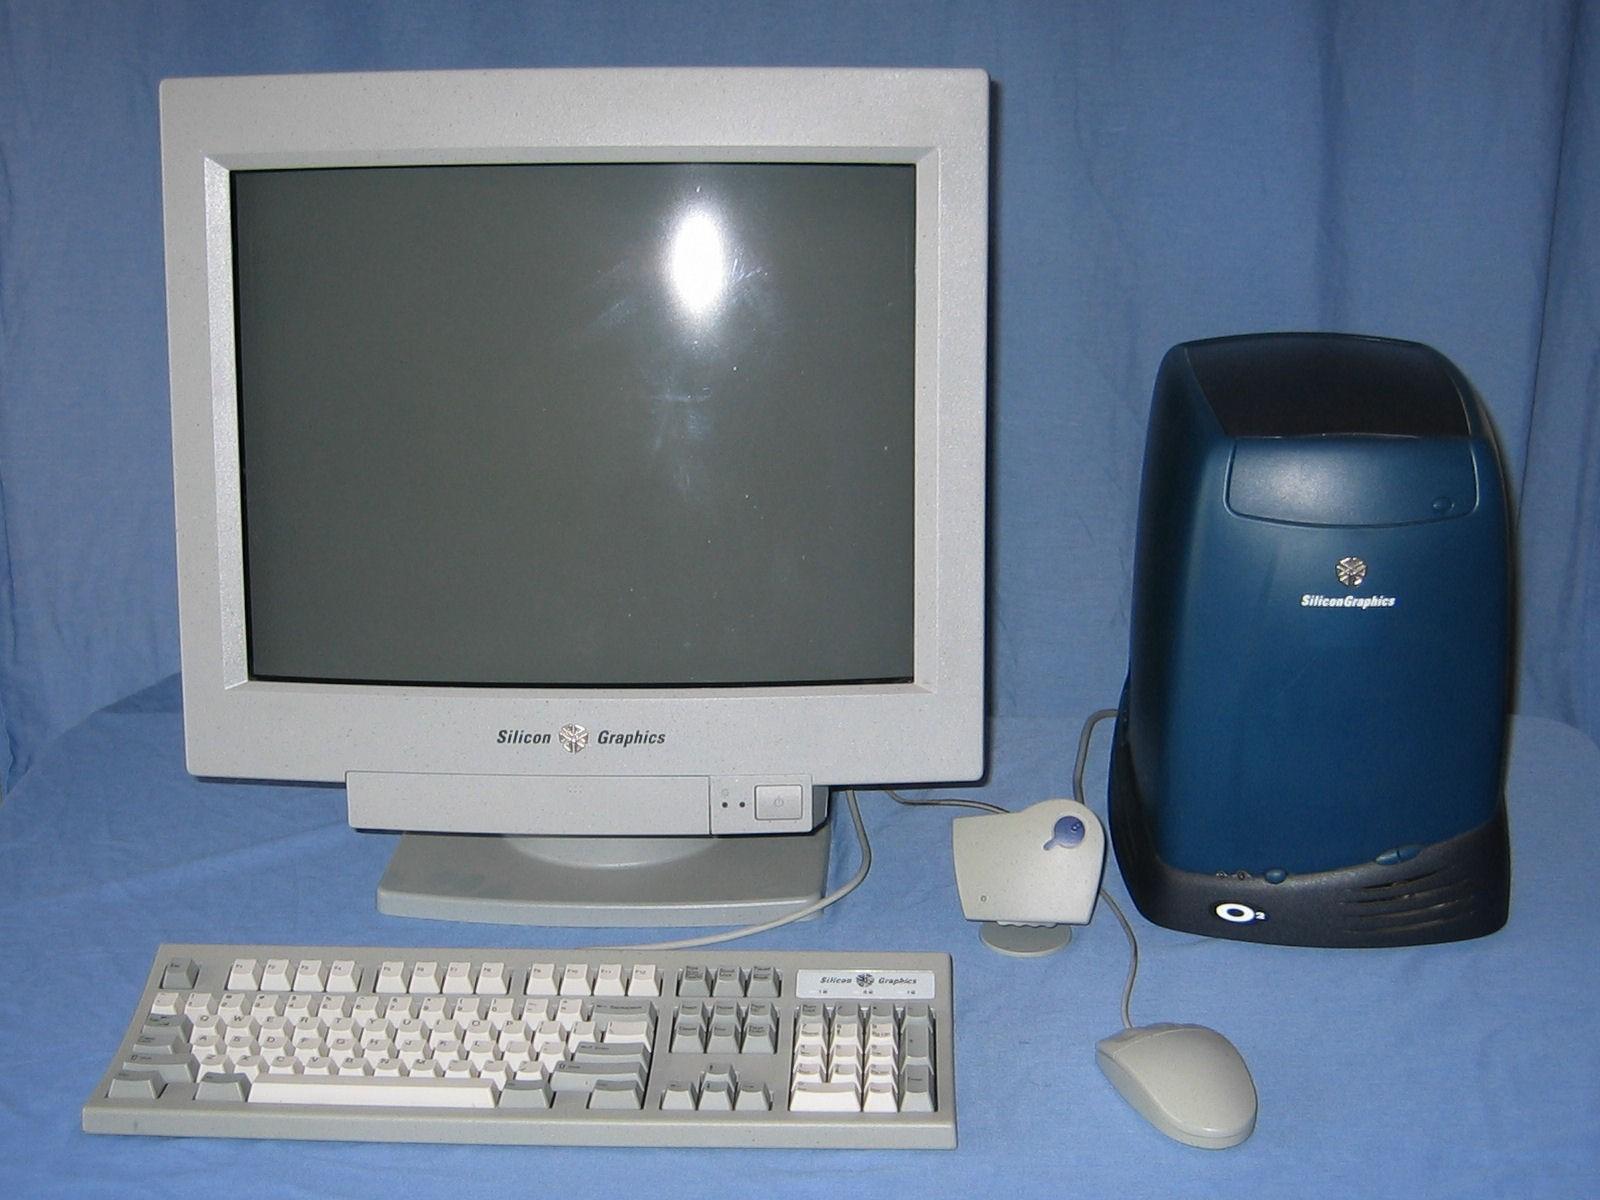 SGI O2 computer